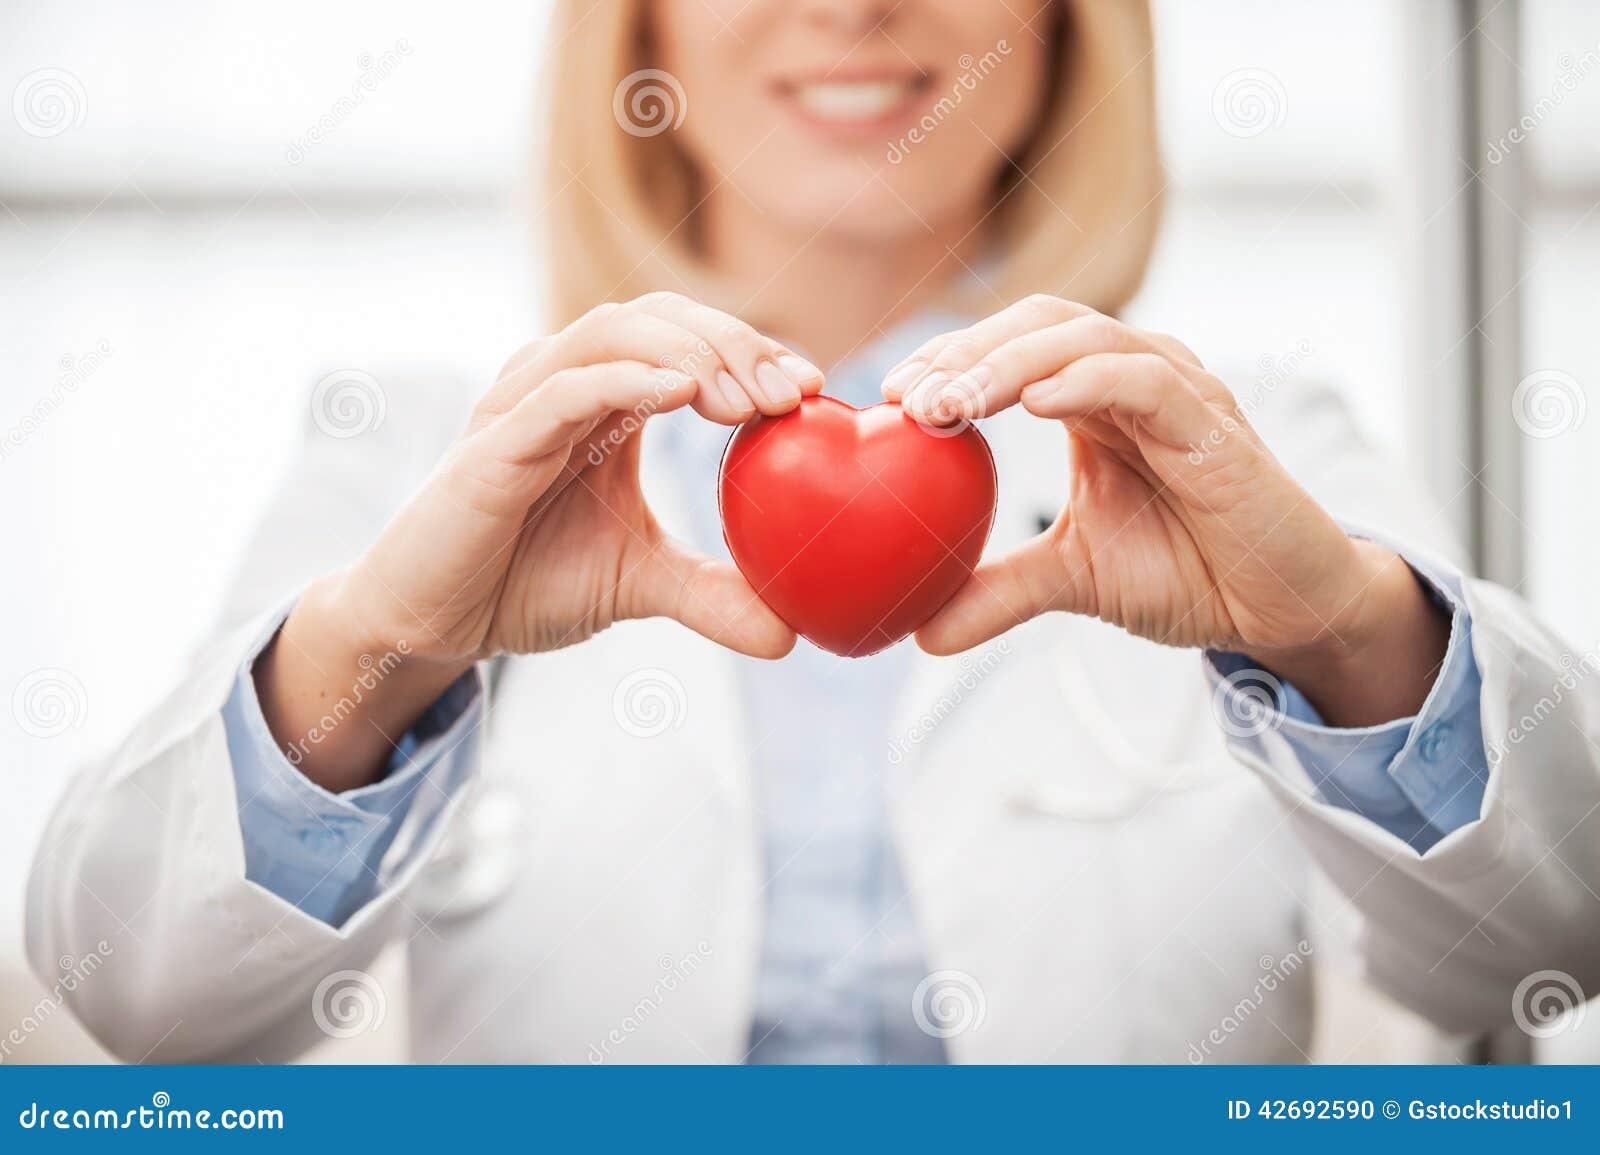 сердечно сосудистые заболевания занимают первое место